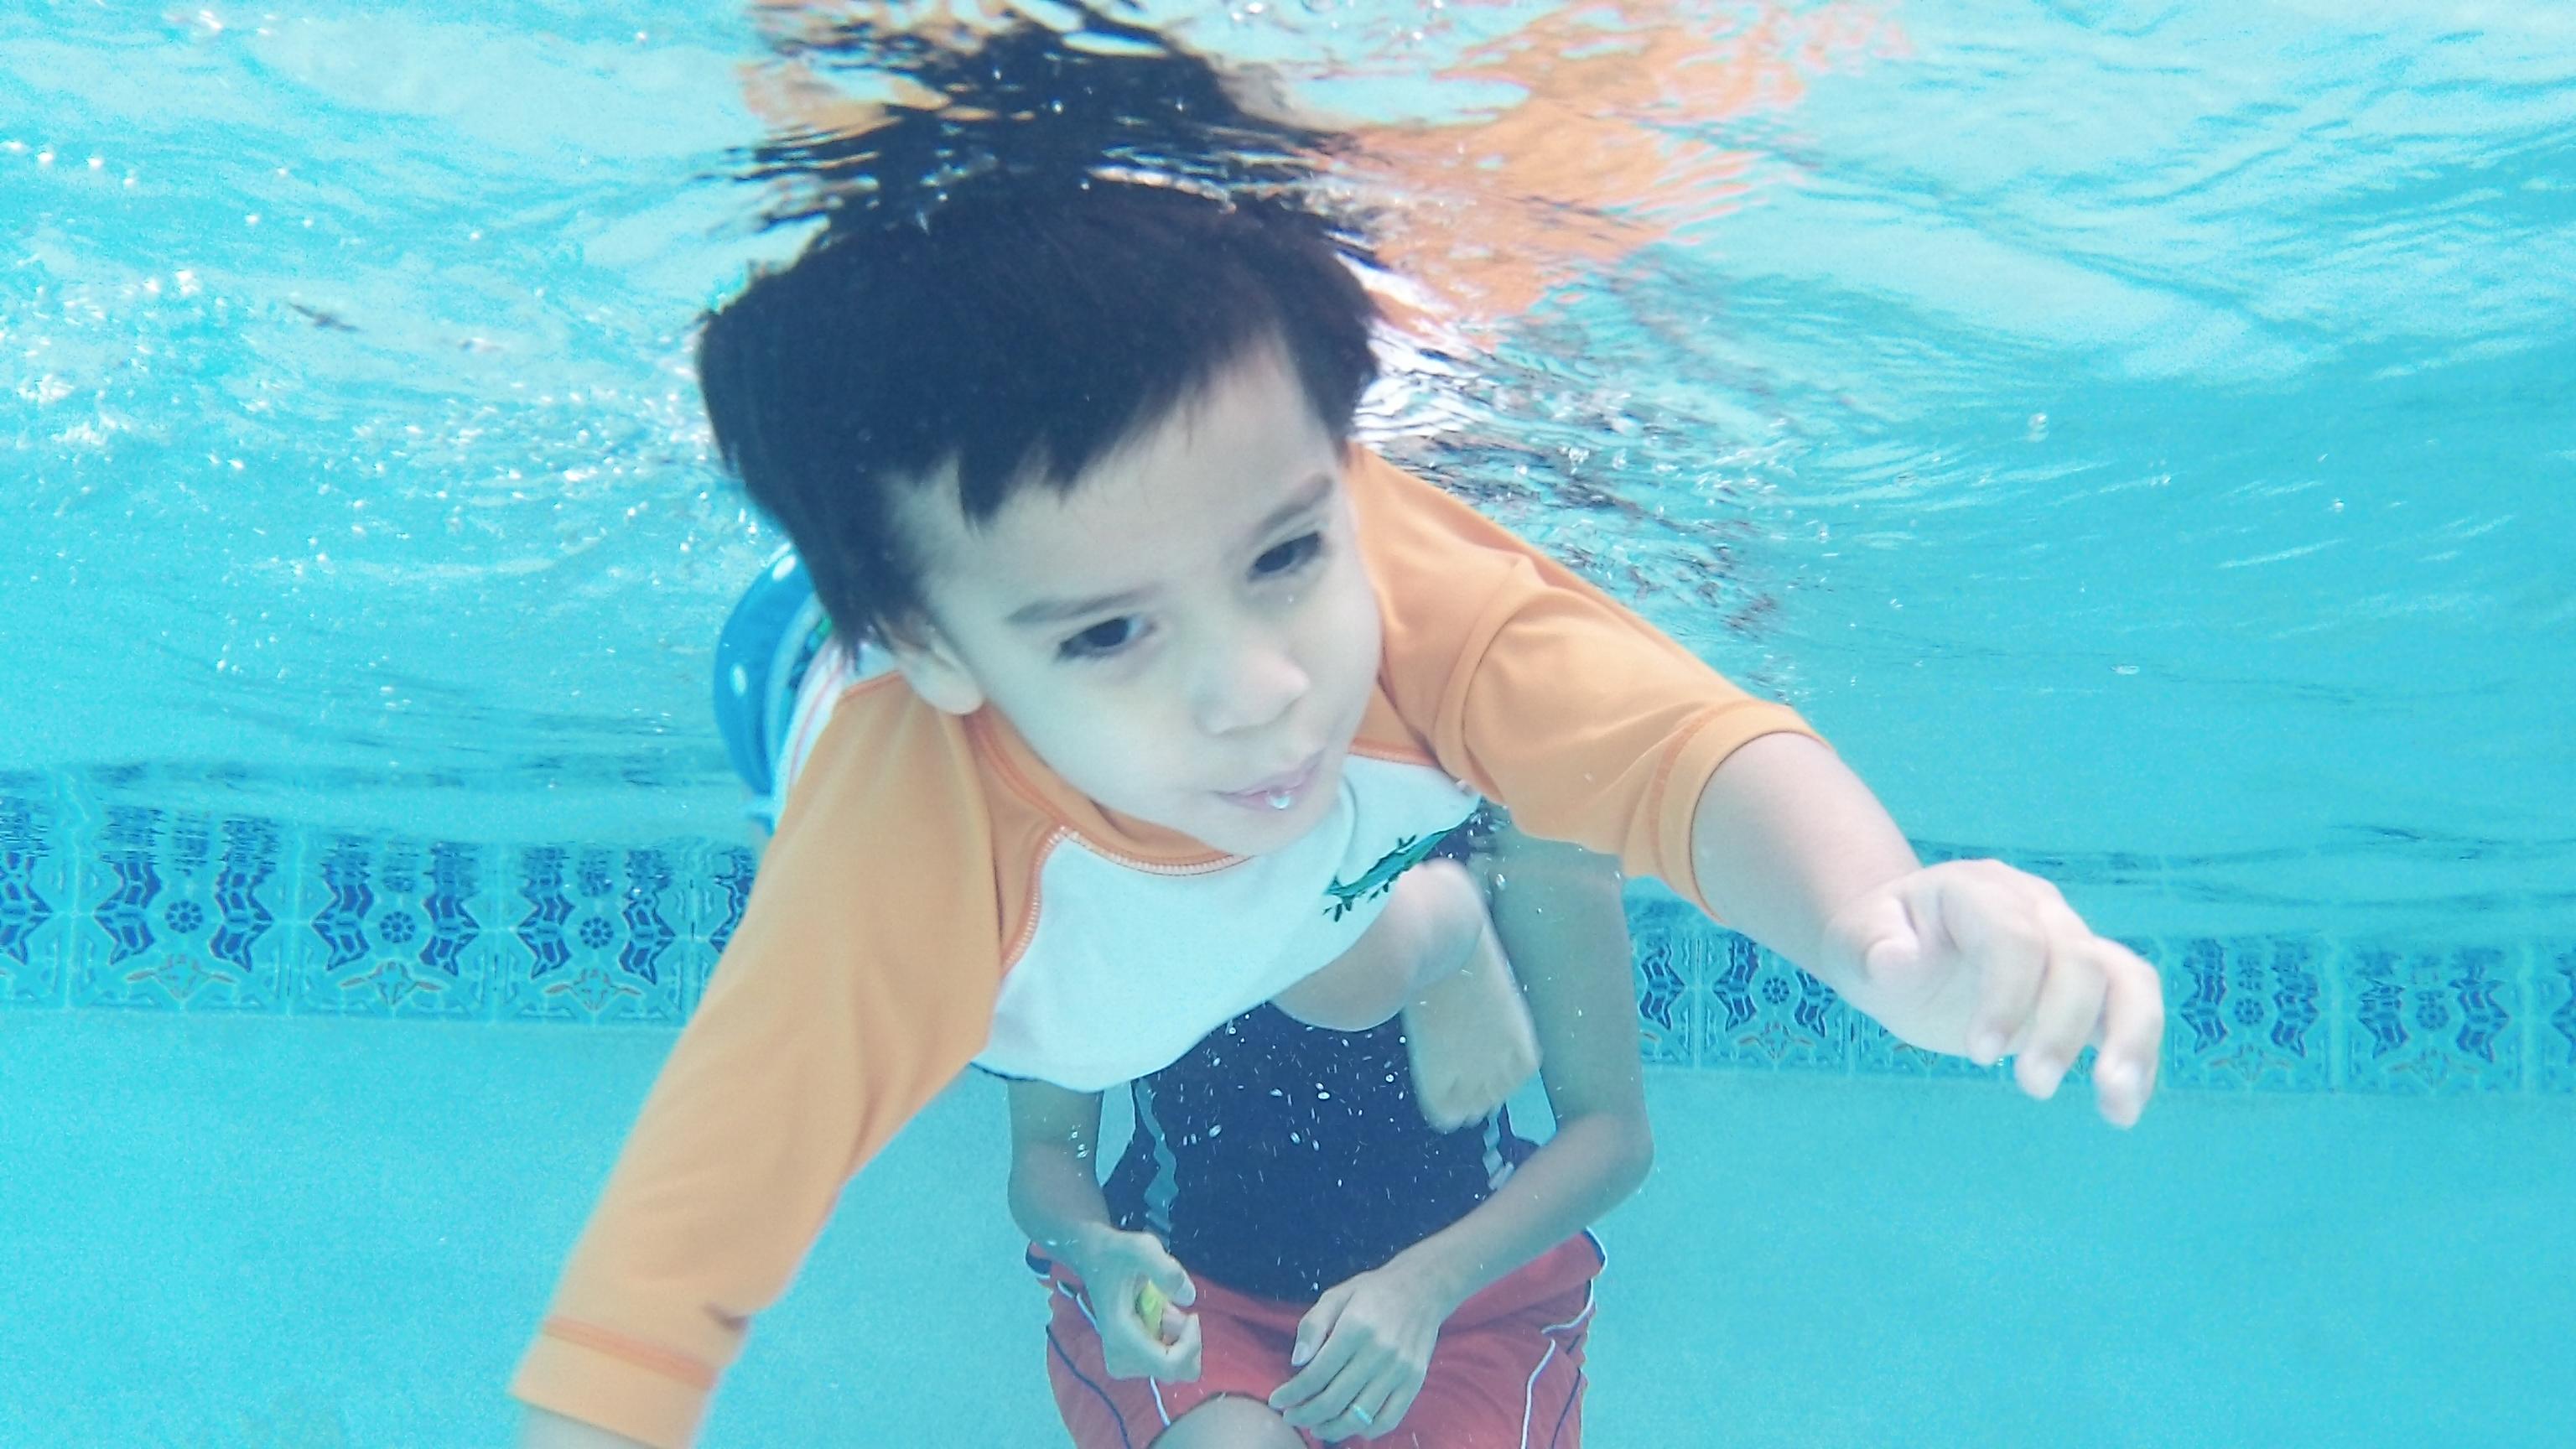 Landon underwater